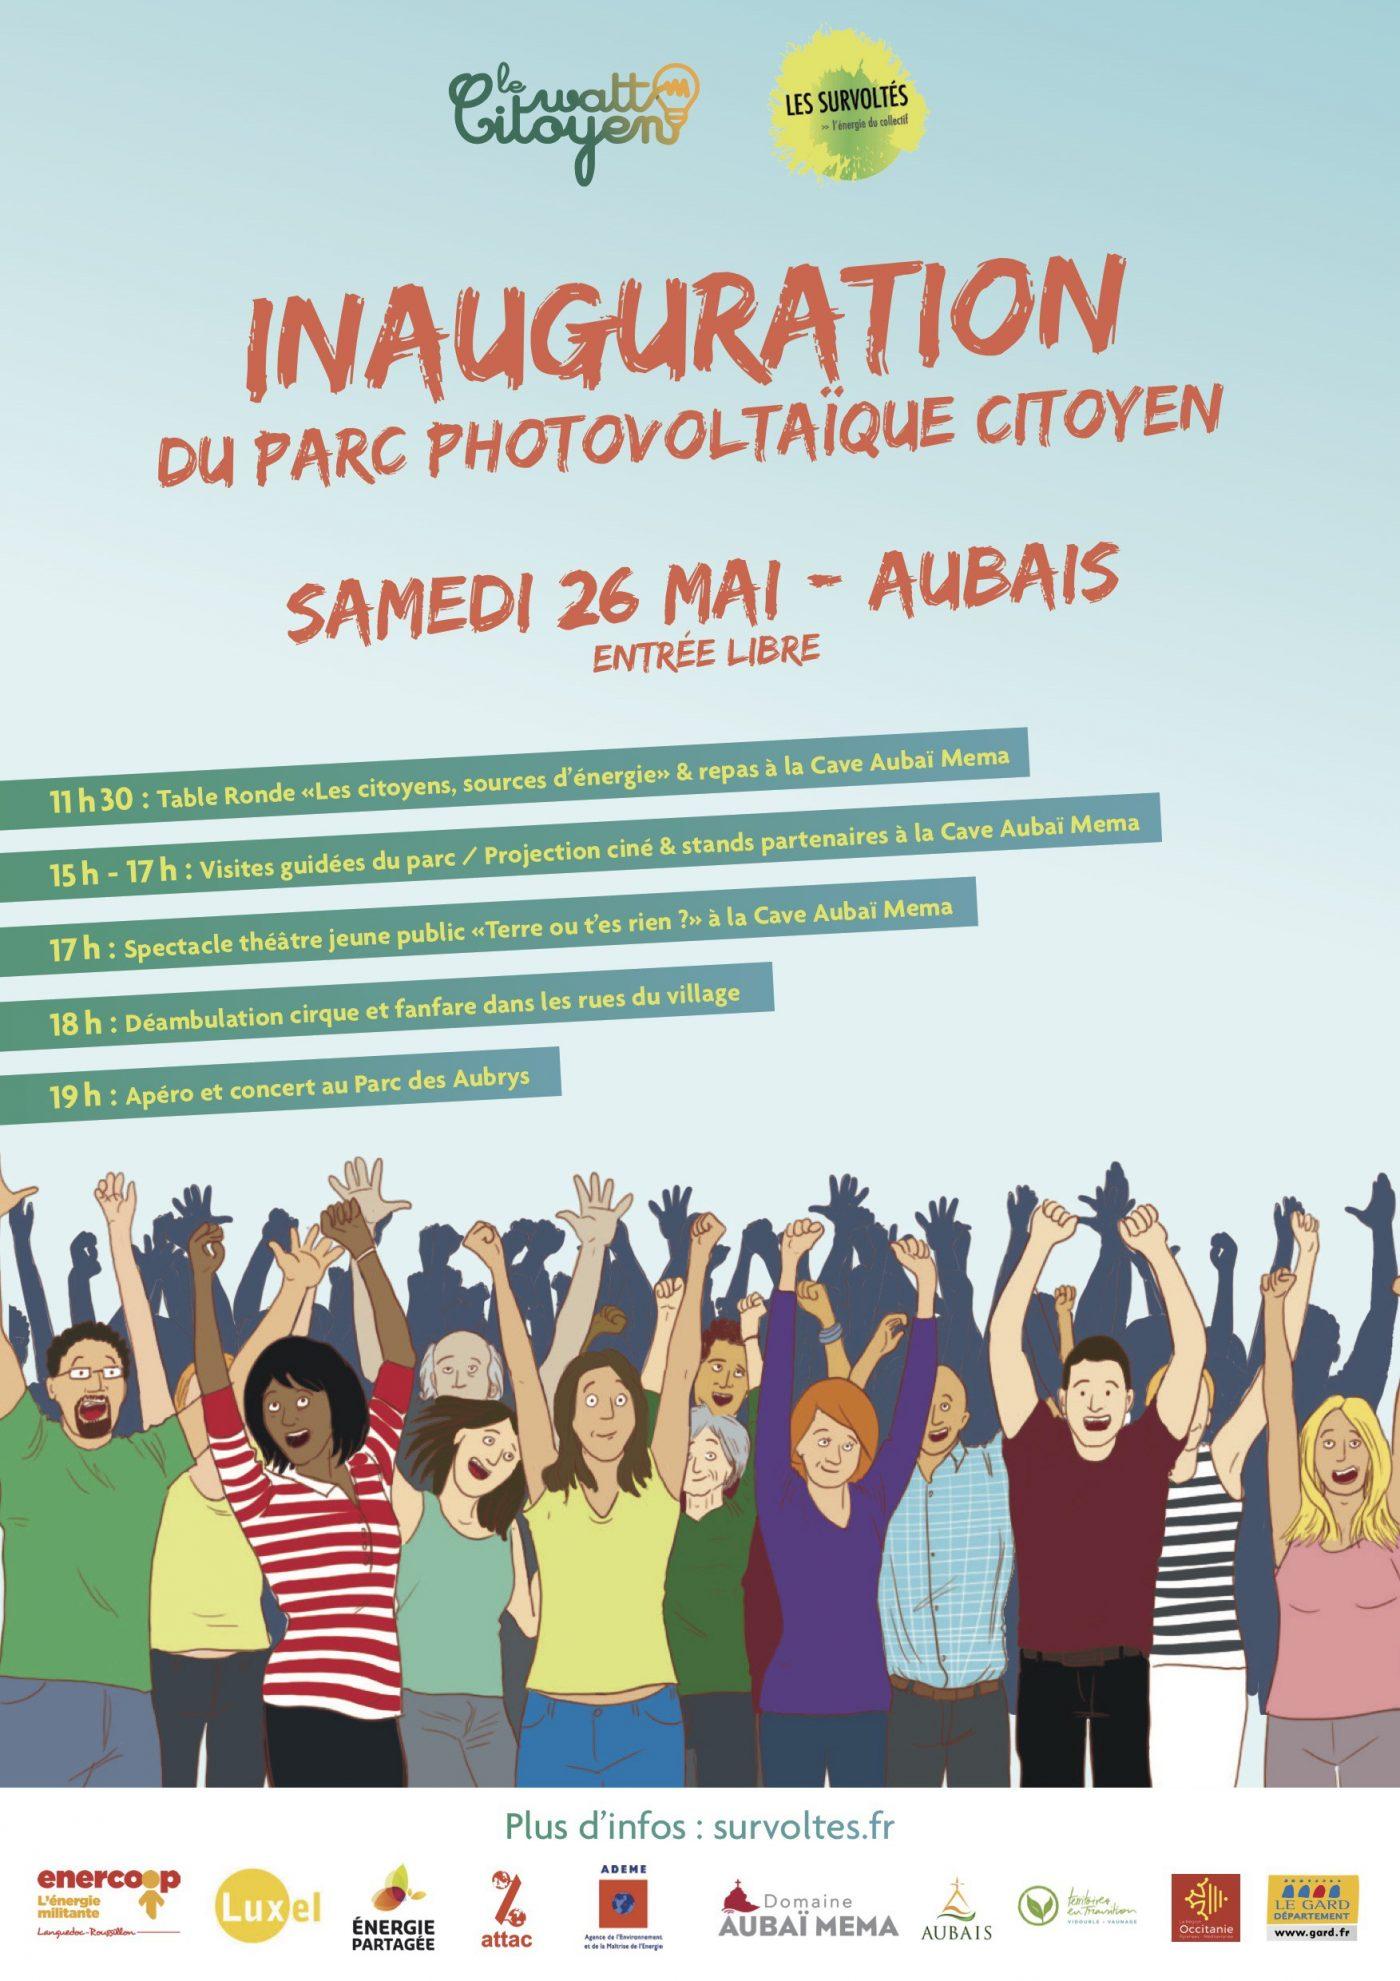 Affiche : inauguration du parc photovoltaïque des Survoltés le 26 mai 2018 à Aubais